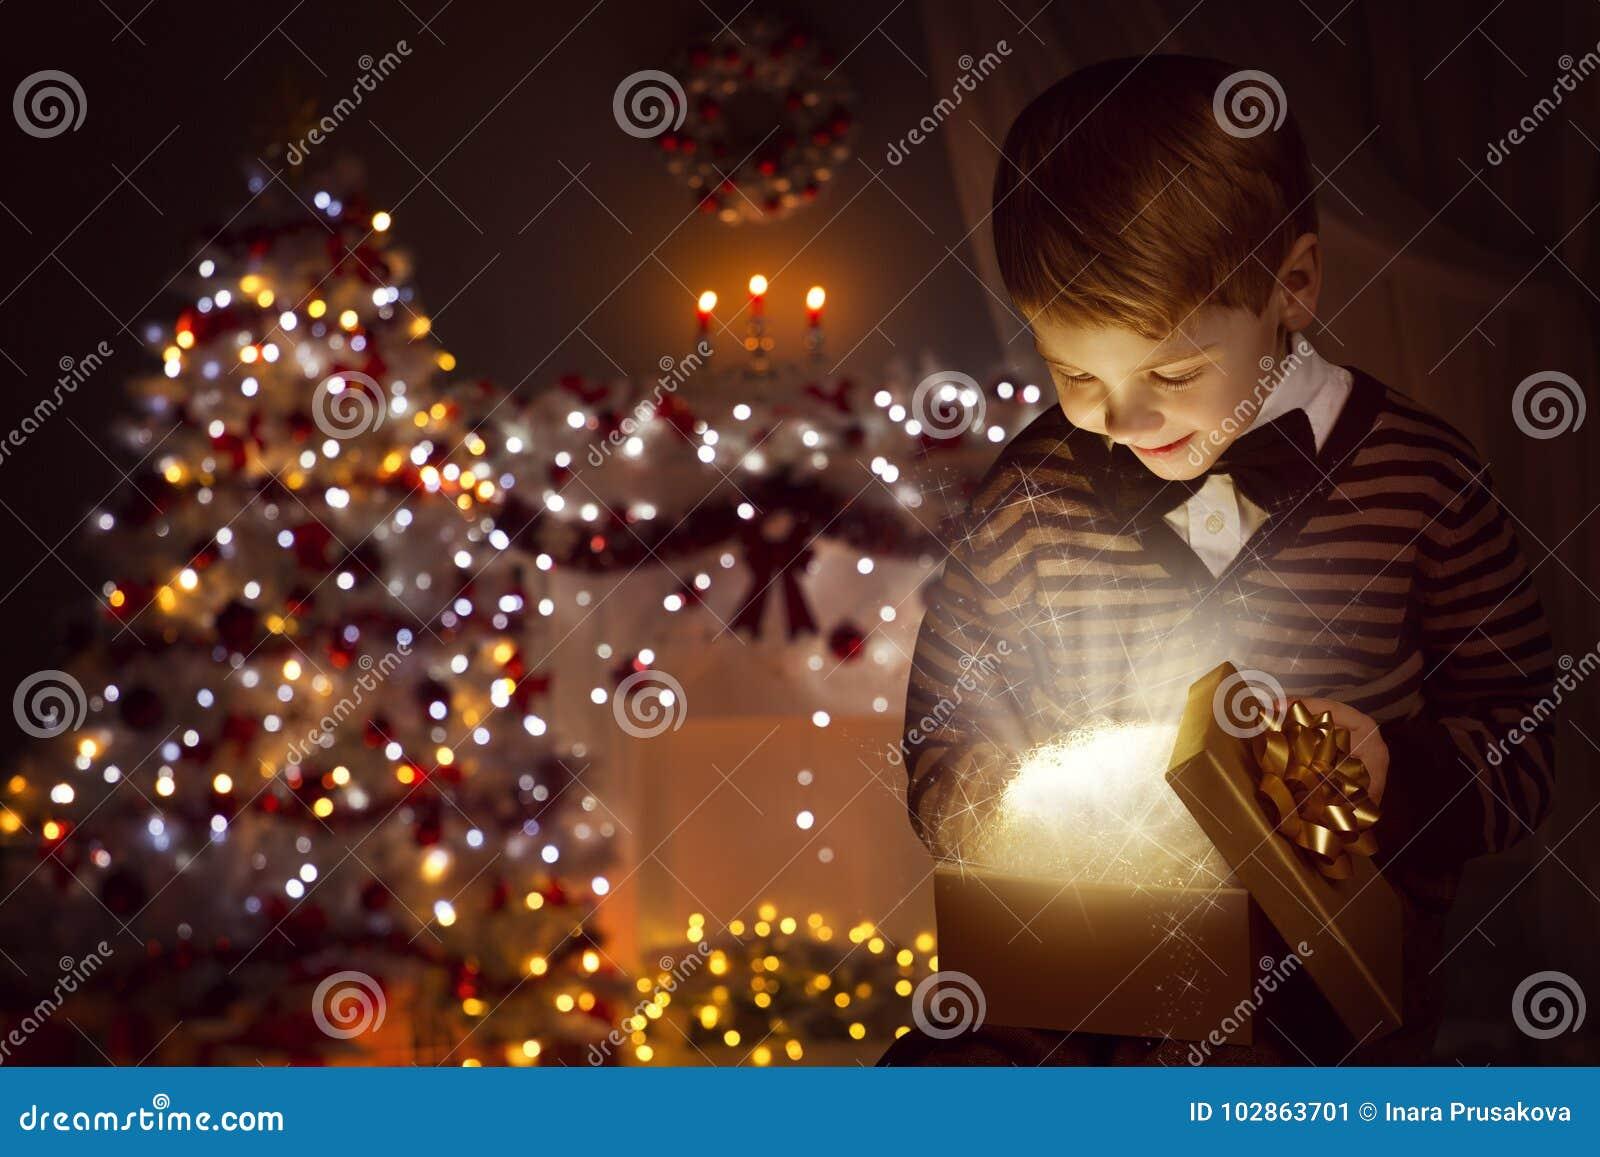 Ανοικτό παρόν κιβώτιο δώρων παιδιών Χριστουγέννων, ευτυχές παιδί που ανοίγει Giftbox